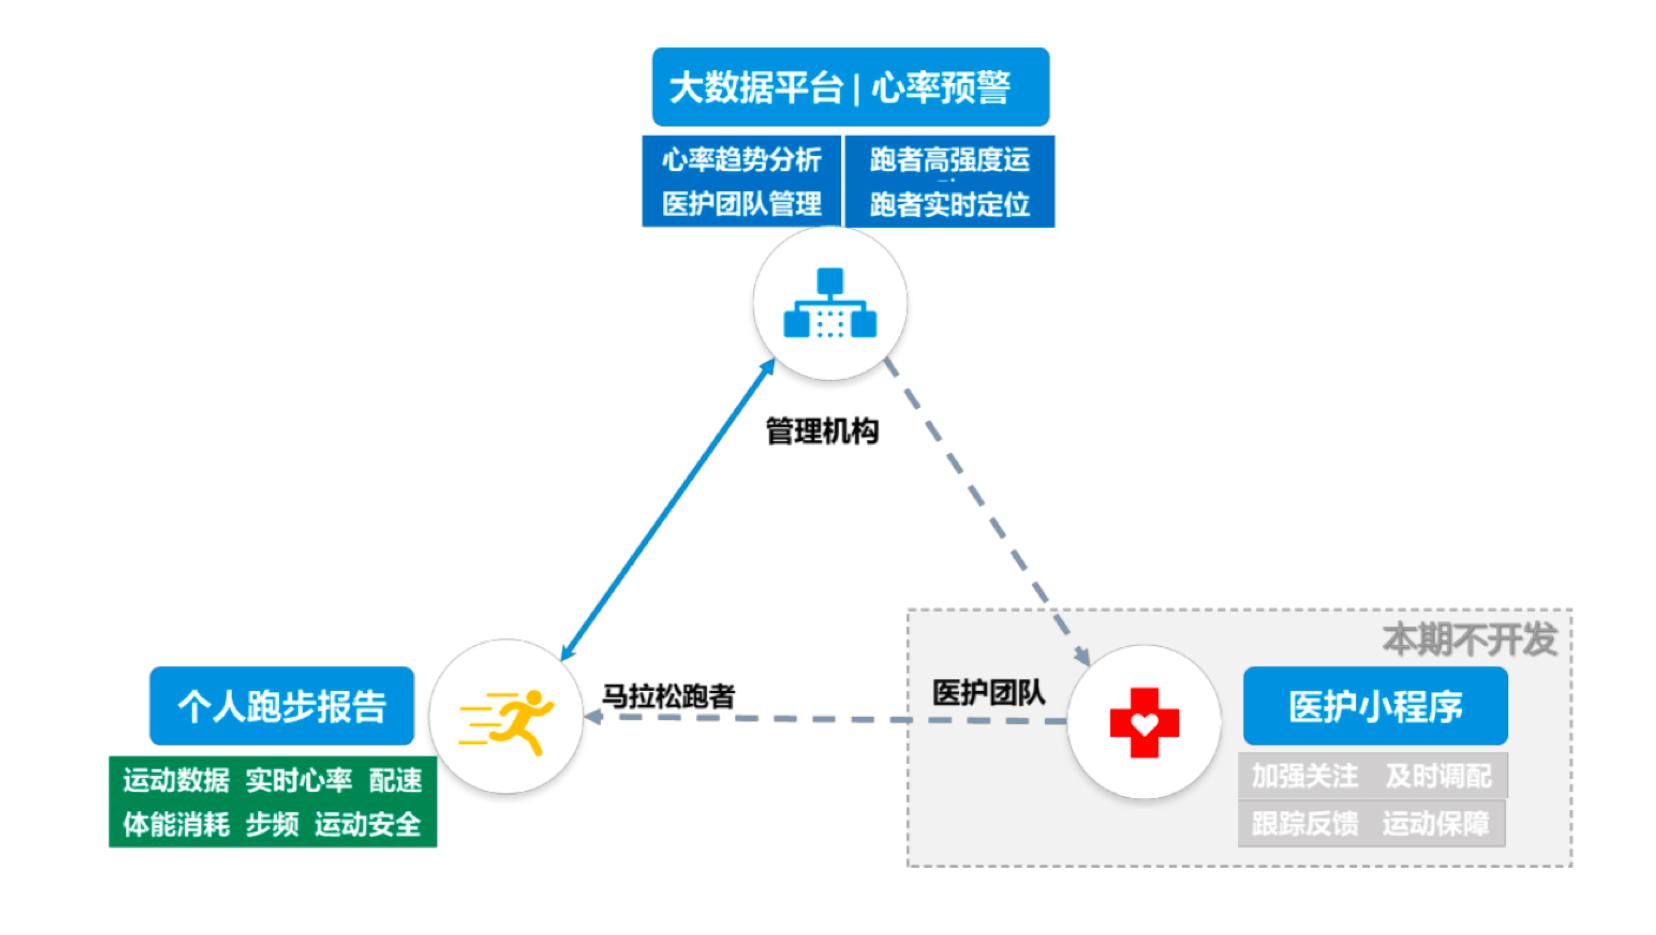 银联云·智能马拉松在北京与你一起向前犇